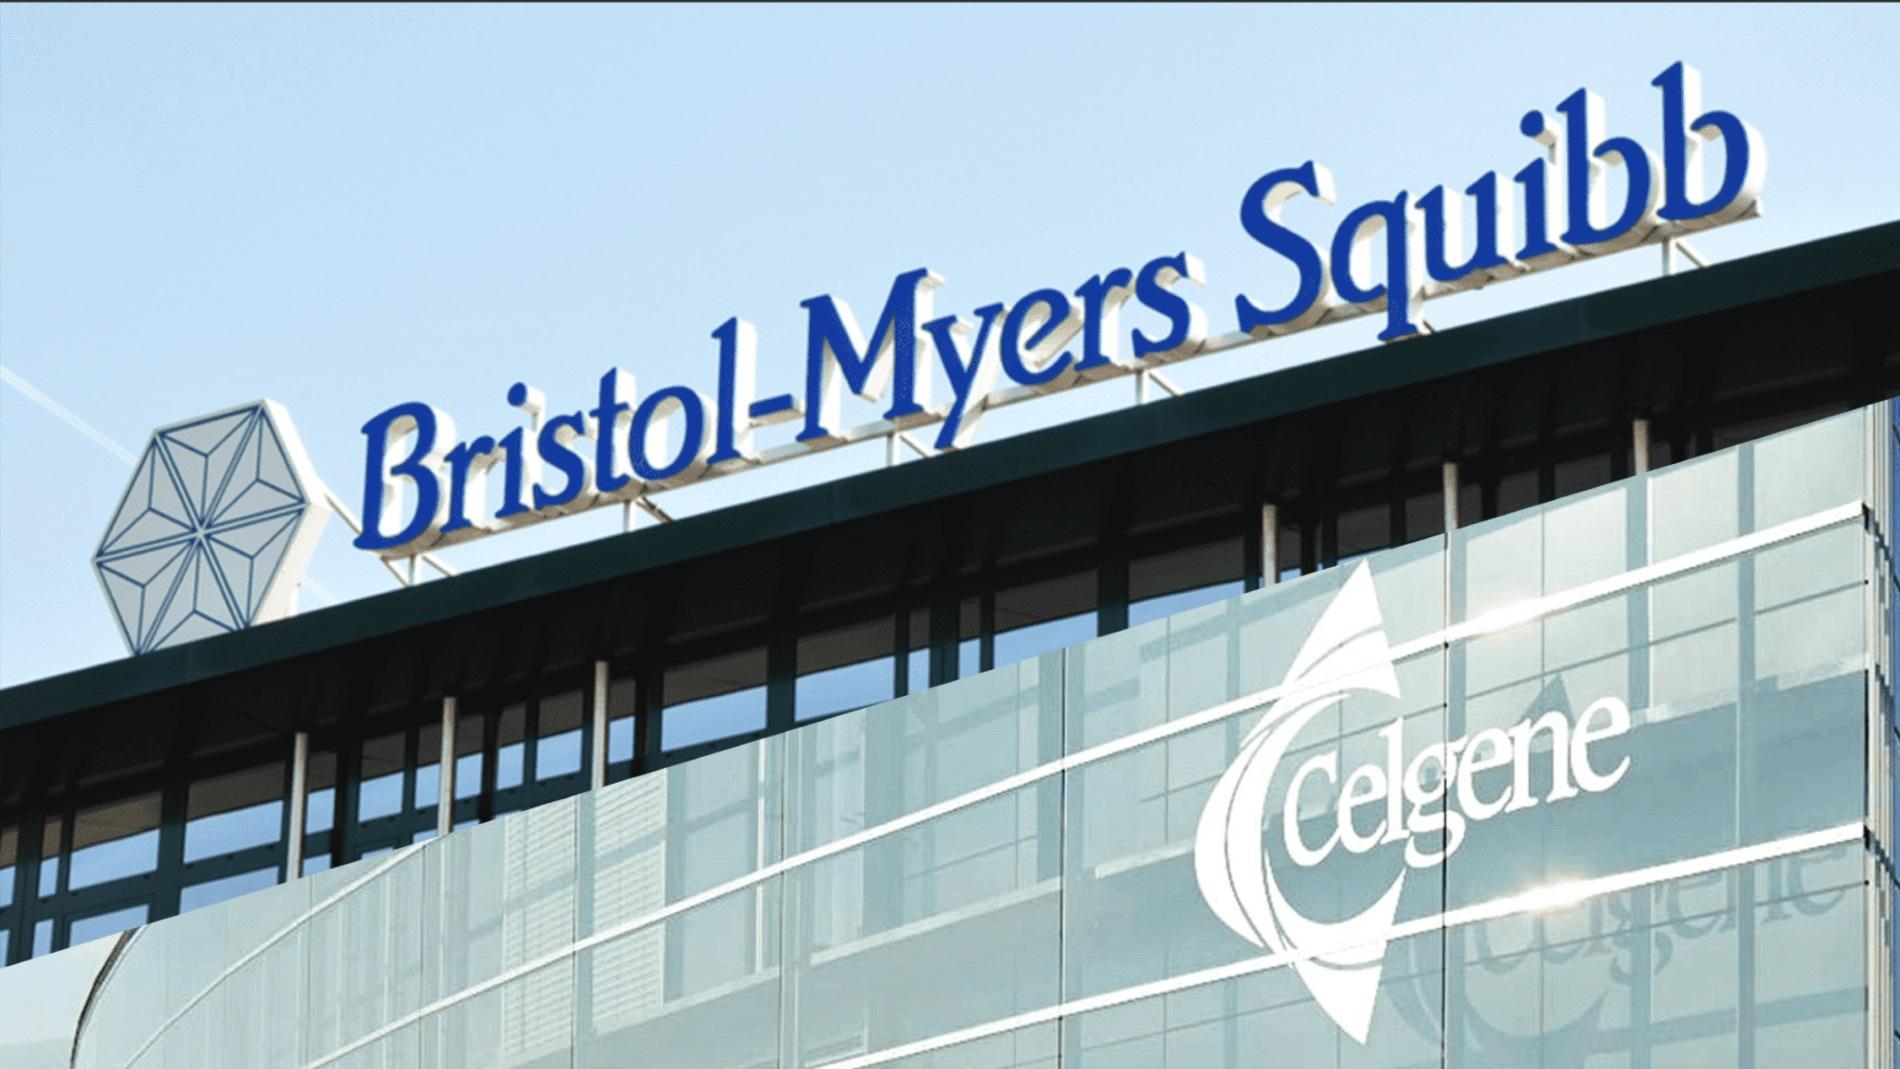 Η Bristol-Myers Squibb ολοκλήρωσε την εξαγορά της Celgene